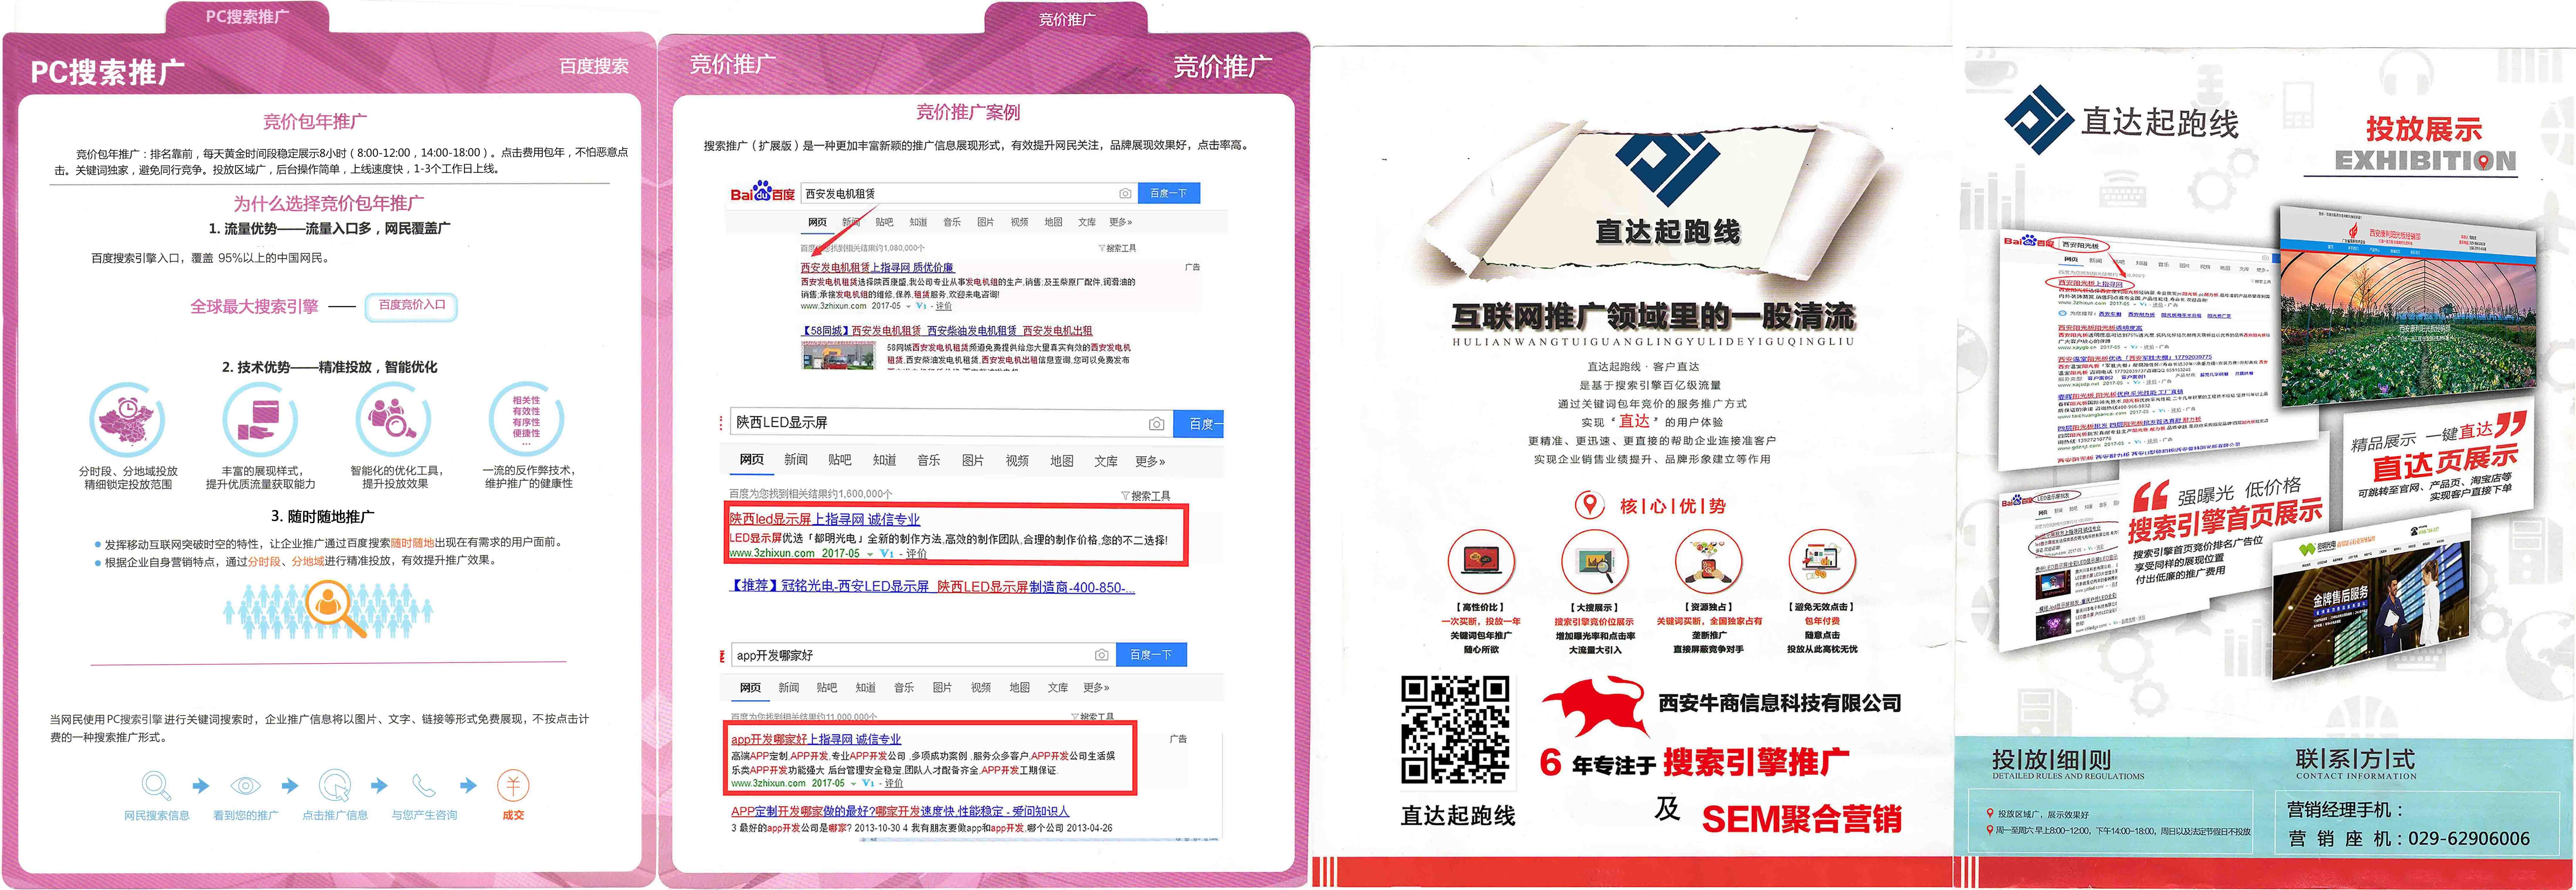 西安牛商信息科技有限公司-直达起跑线